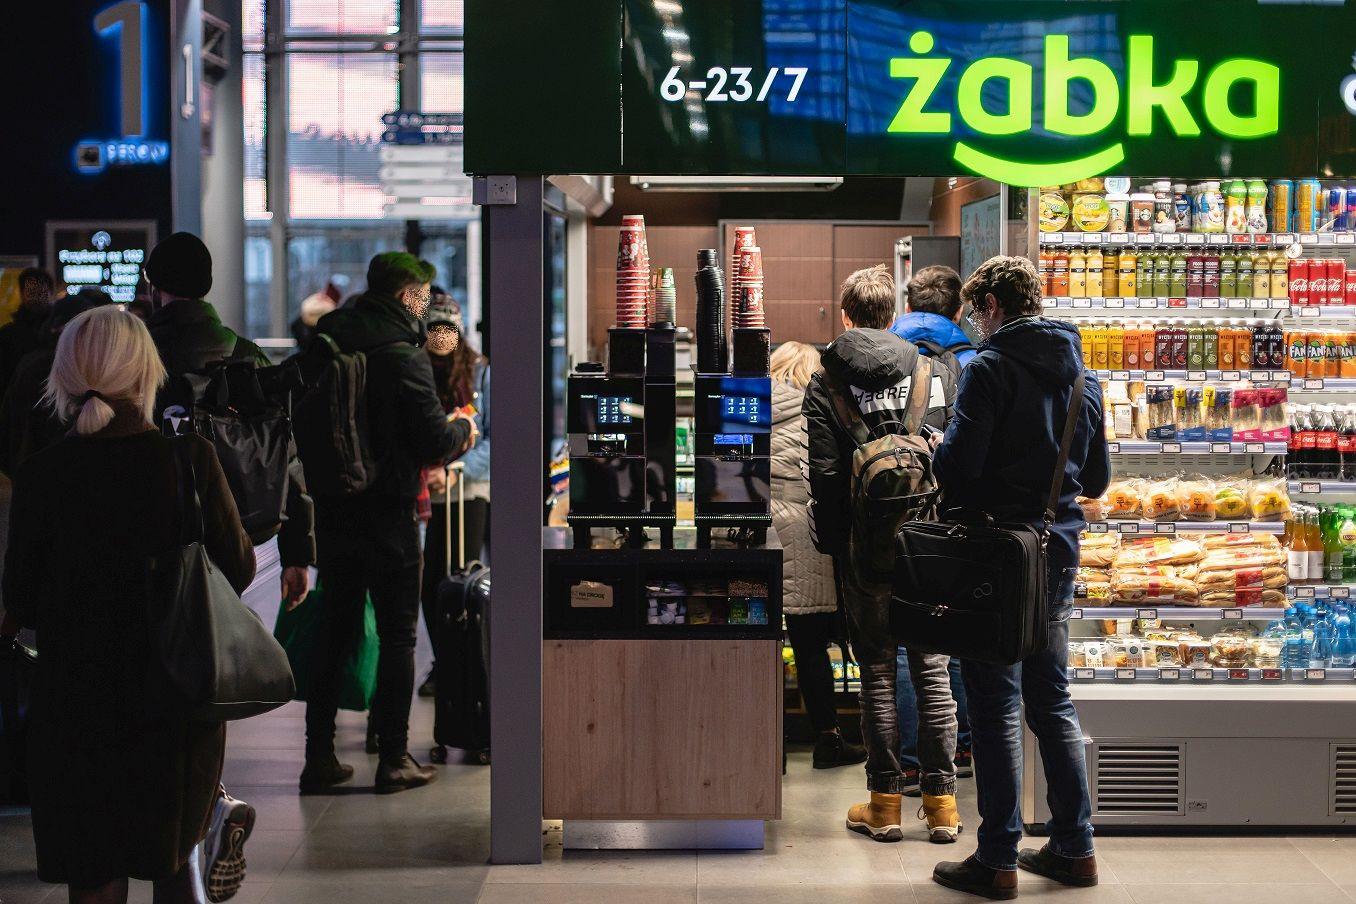 Żabka_Dworzec_Poznań_retail_journal_2 (1)